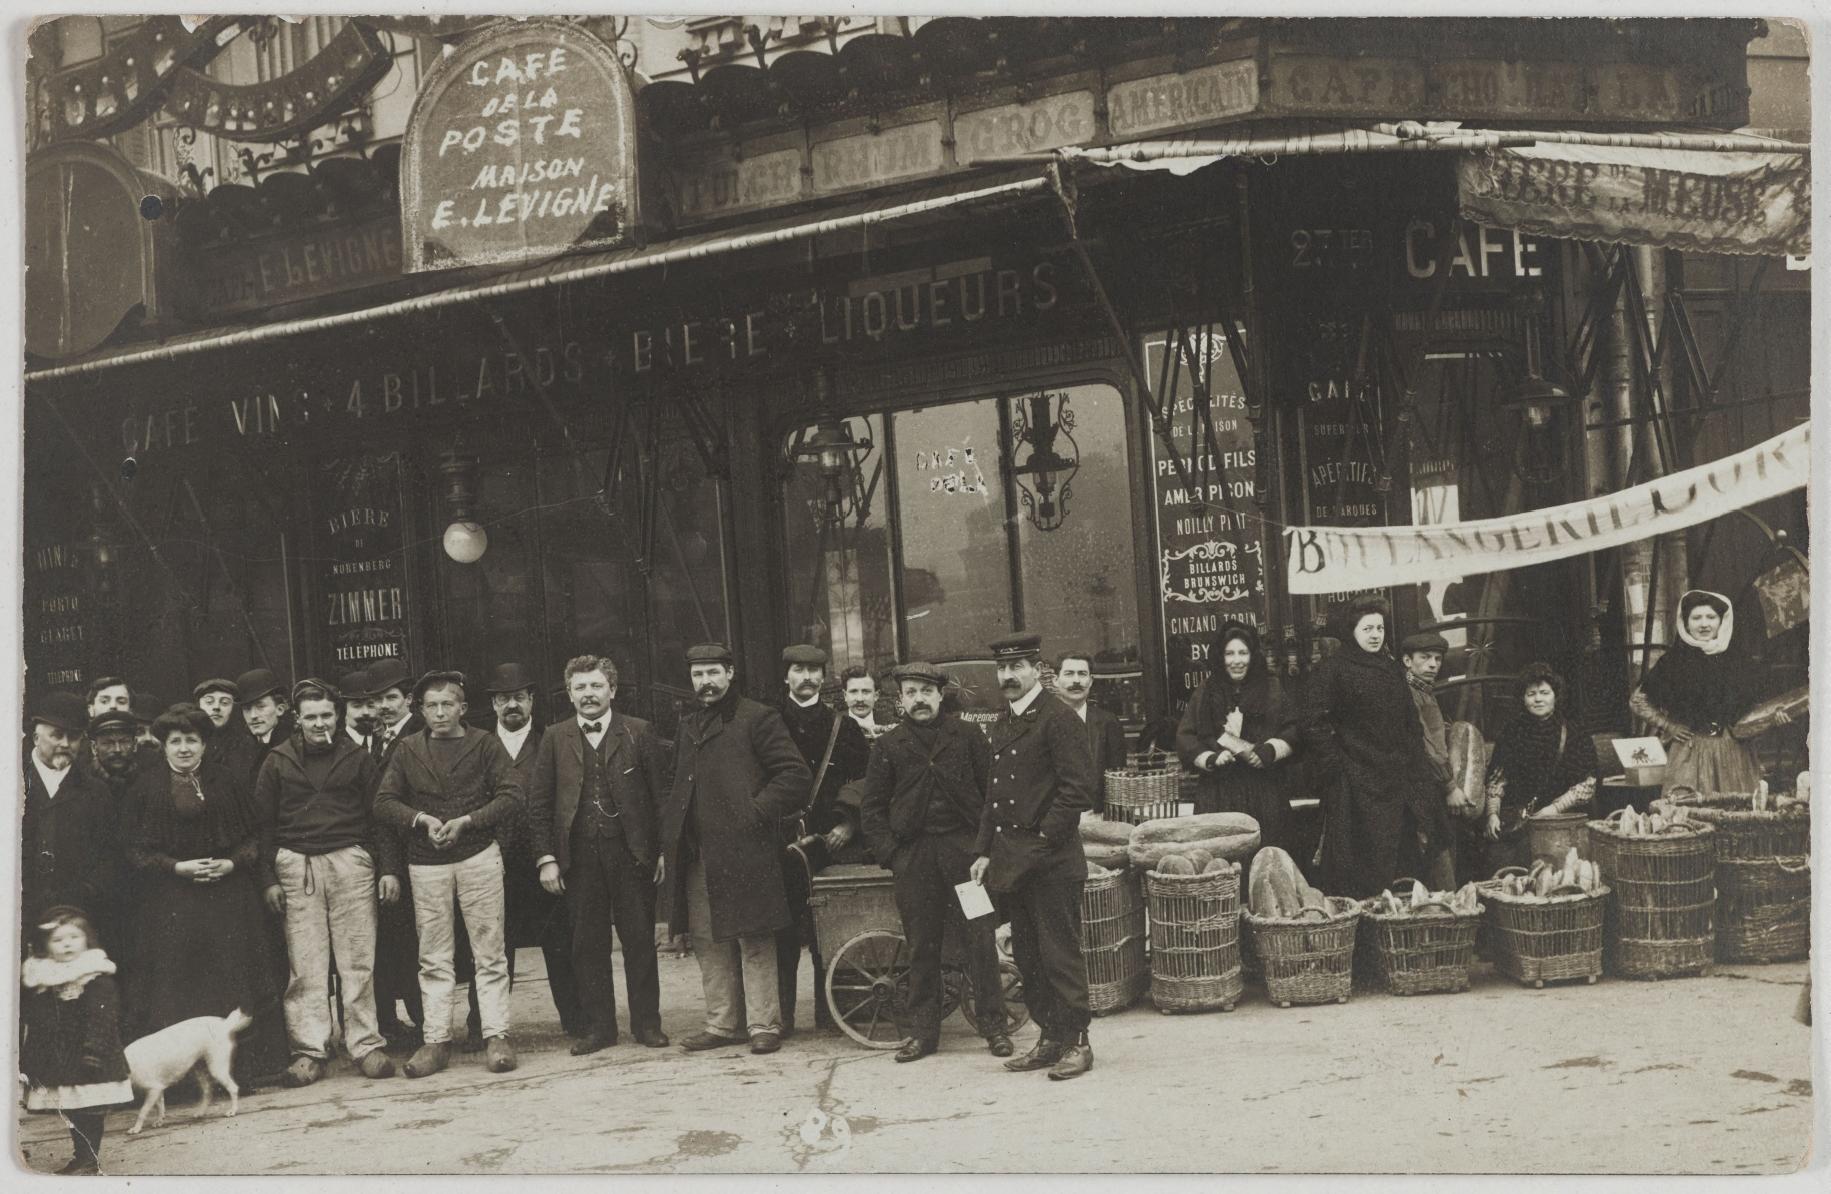 1905-1910. Кафе Почта, бильярд. 23ter, boulevard Diderot, et 2, rue Michel-Chasles (12-й округ). Сейчас на этом месте брассери Les deux savoies